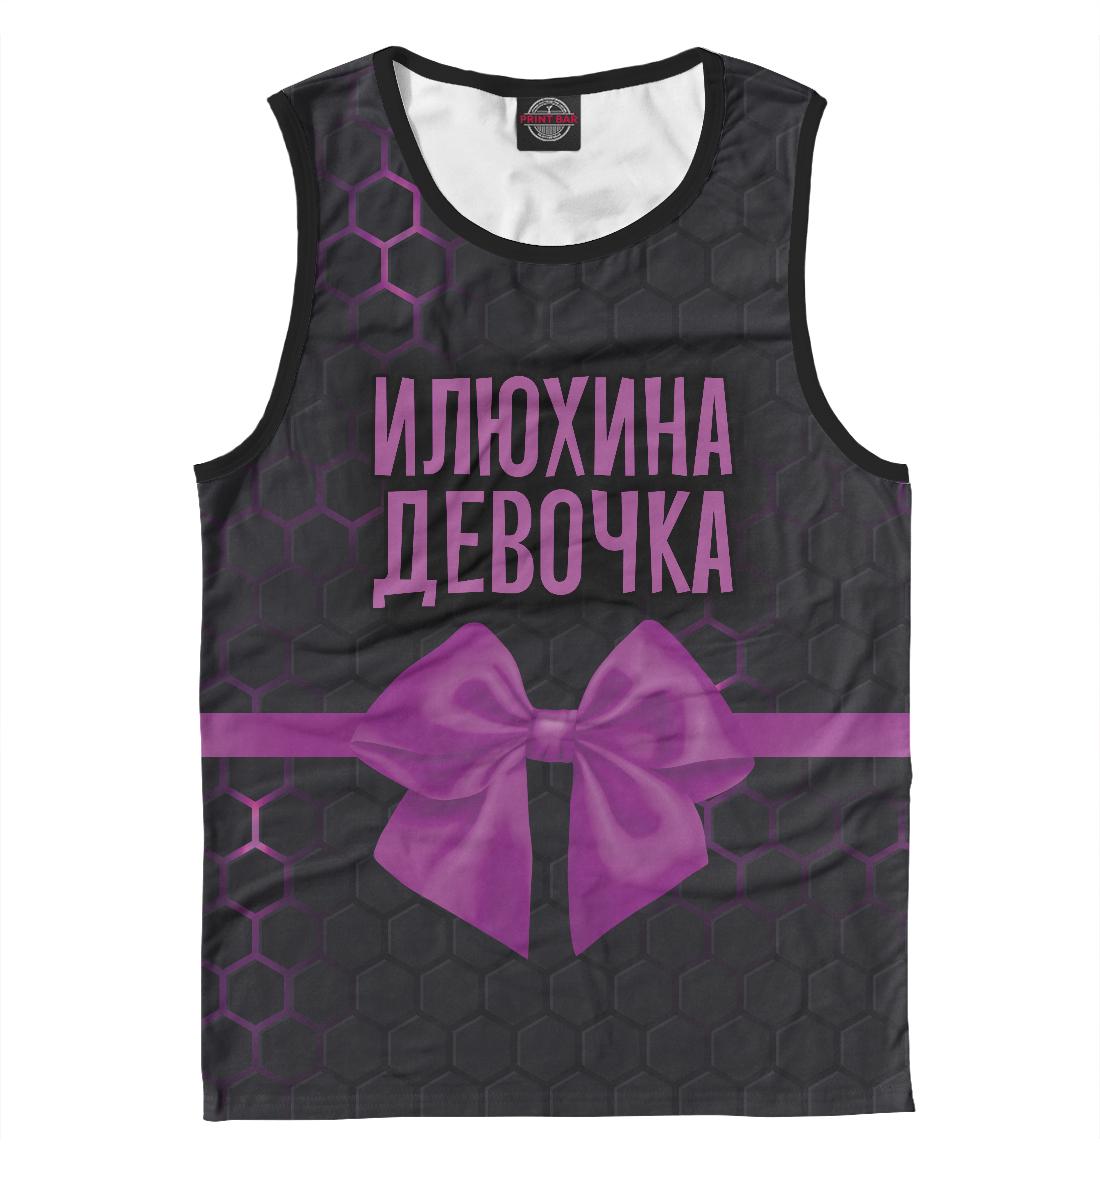 Майка Илюхина девочка (543347)